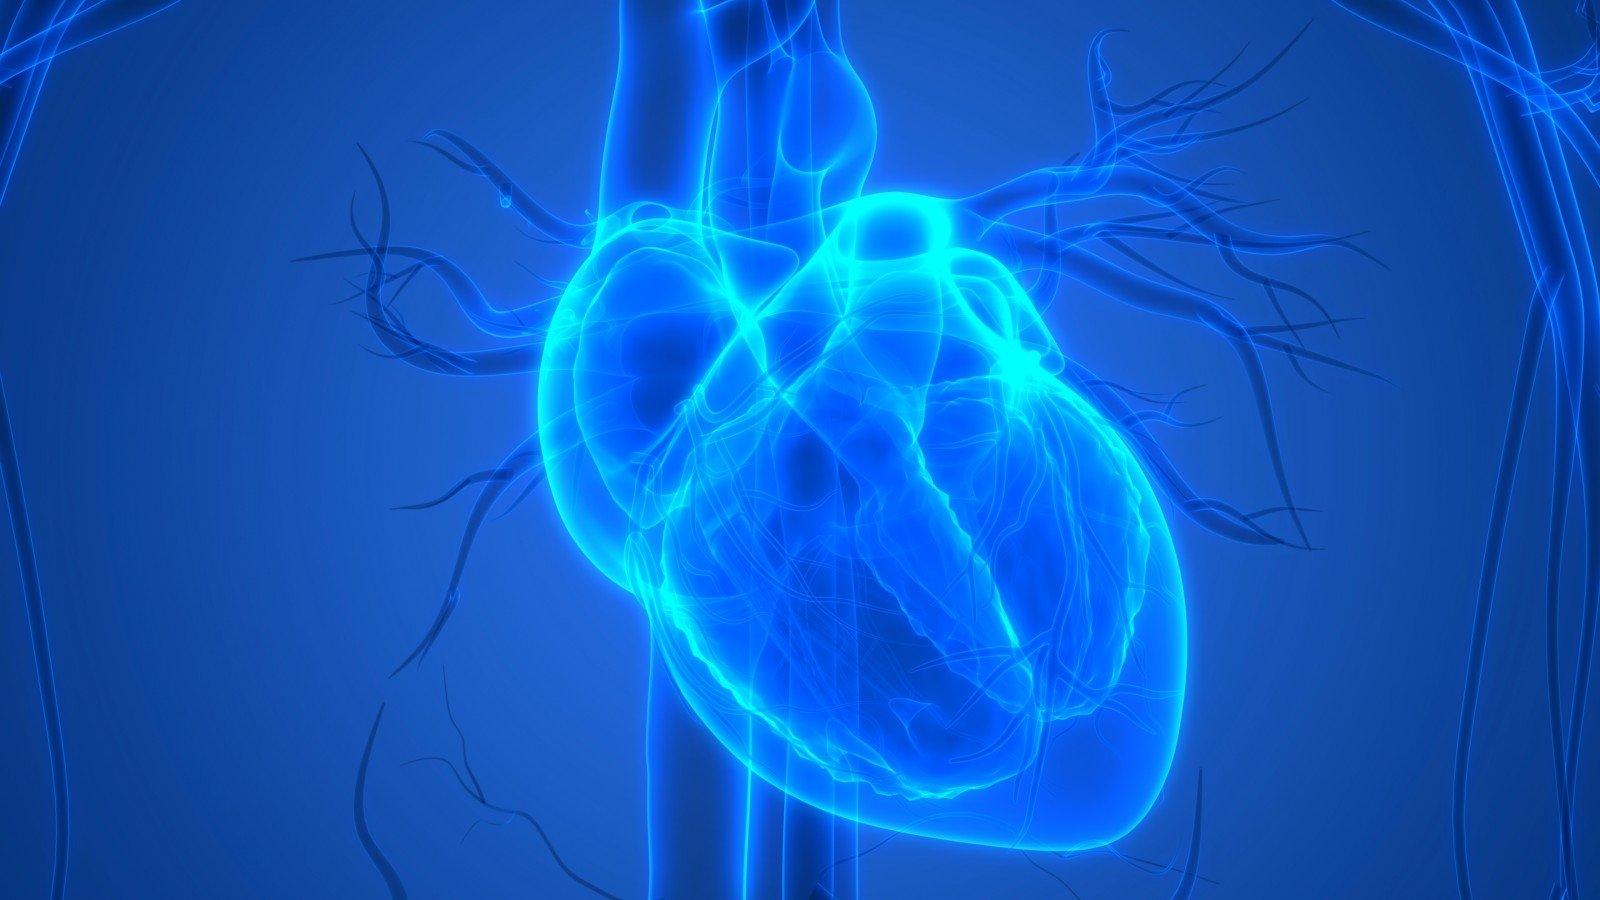 augintinio sveikata ir širdis murkia